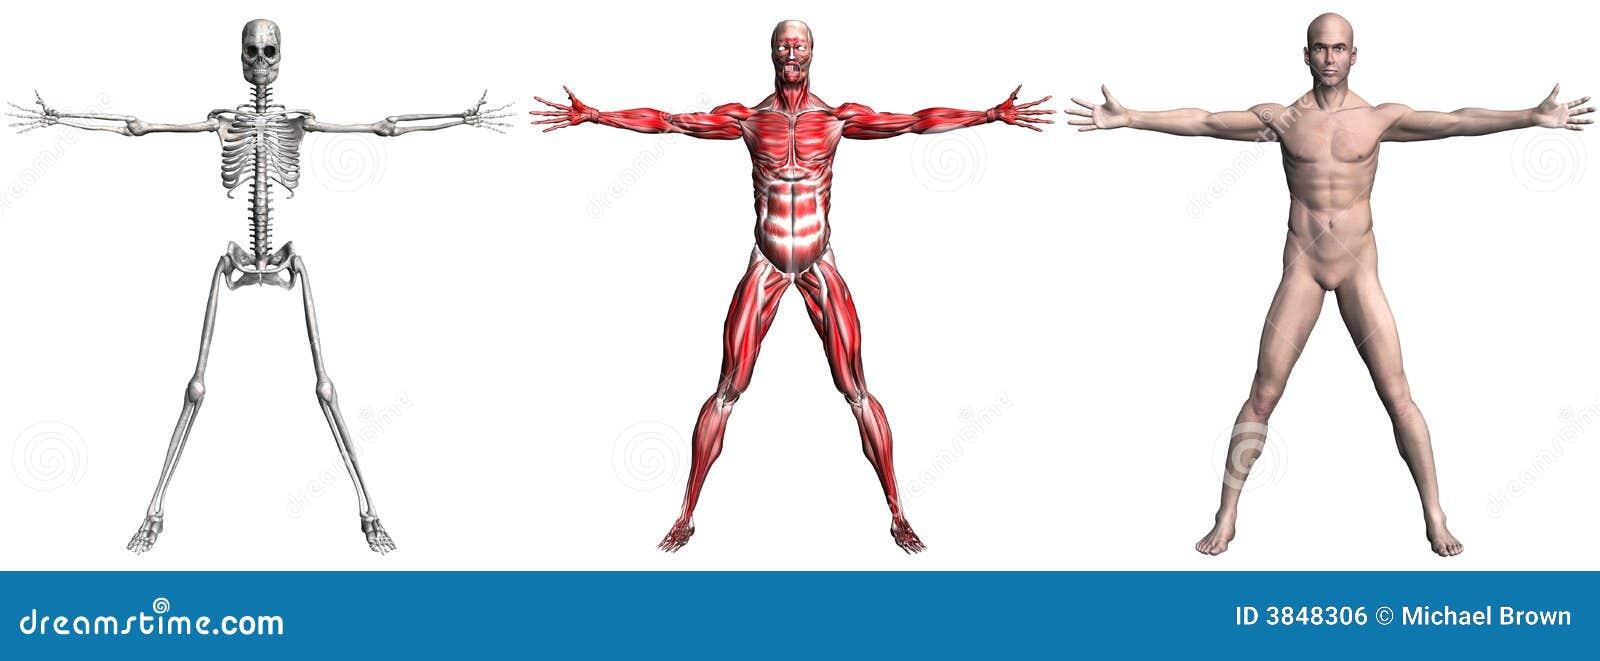 Skelett Und Muskeln Eines Menschlichen Mannes Stock Abbildung ...